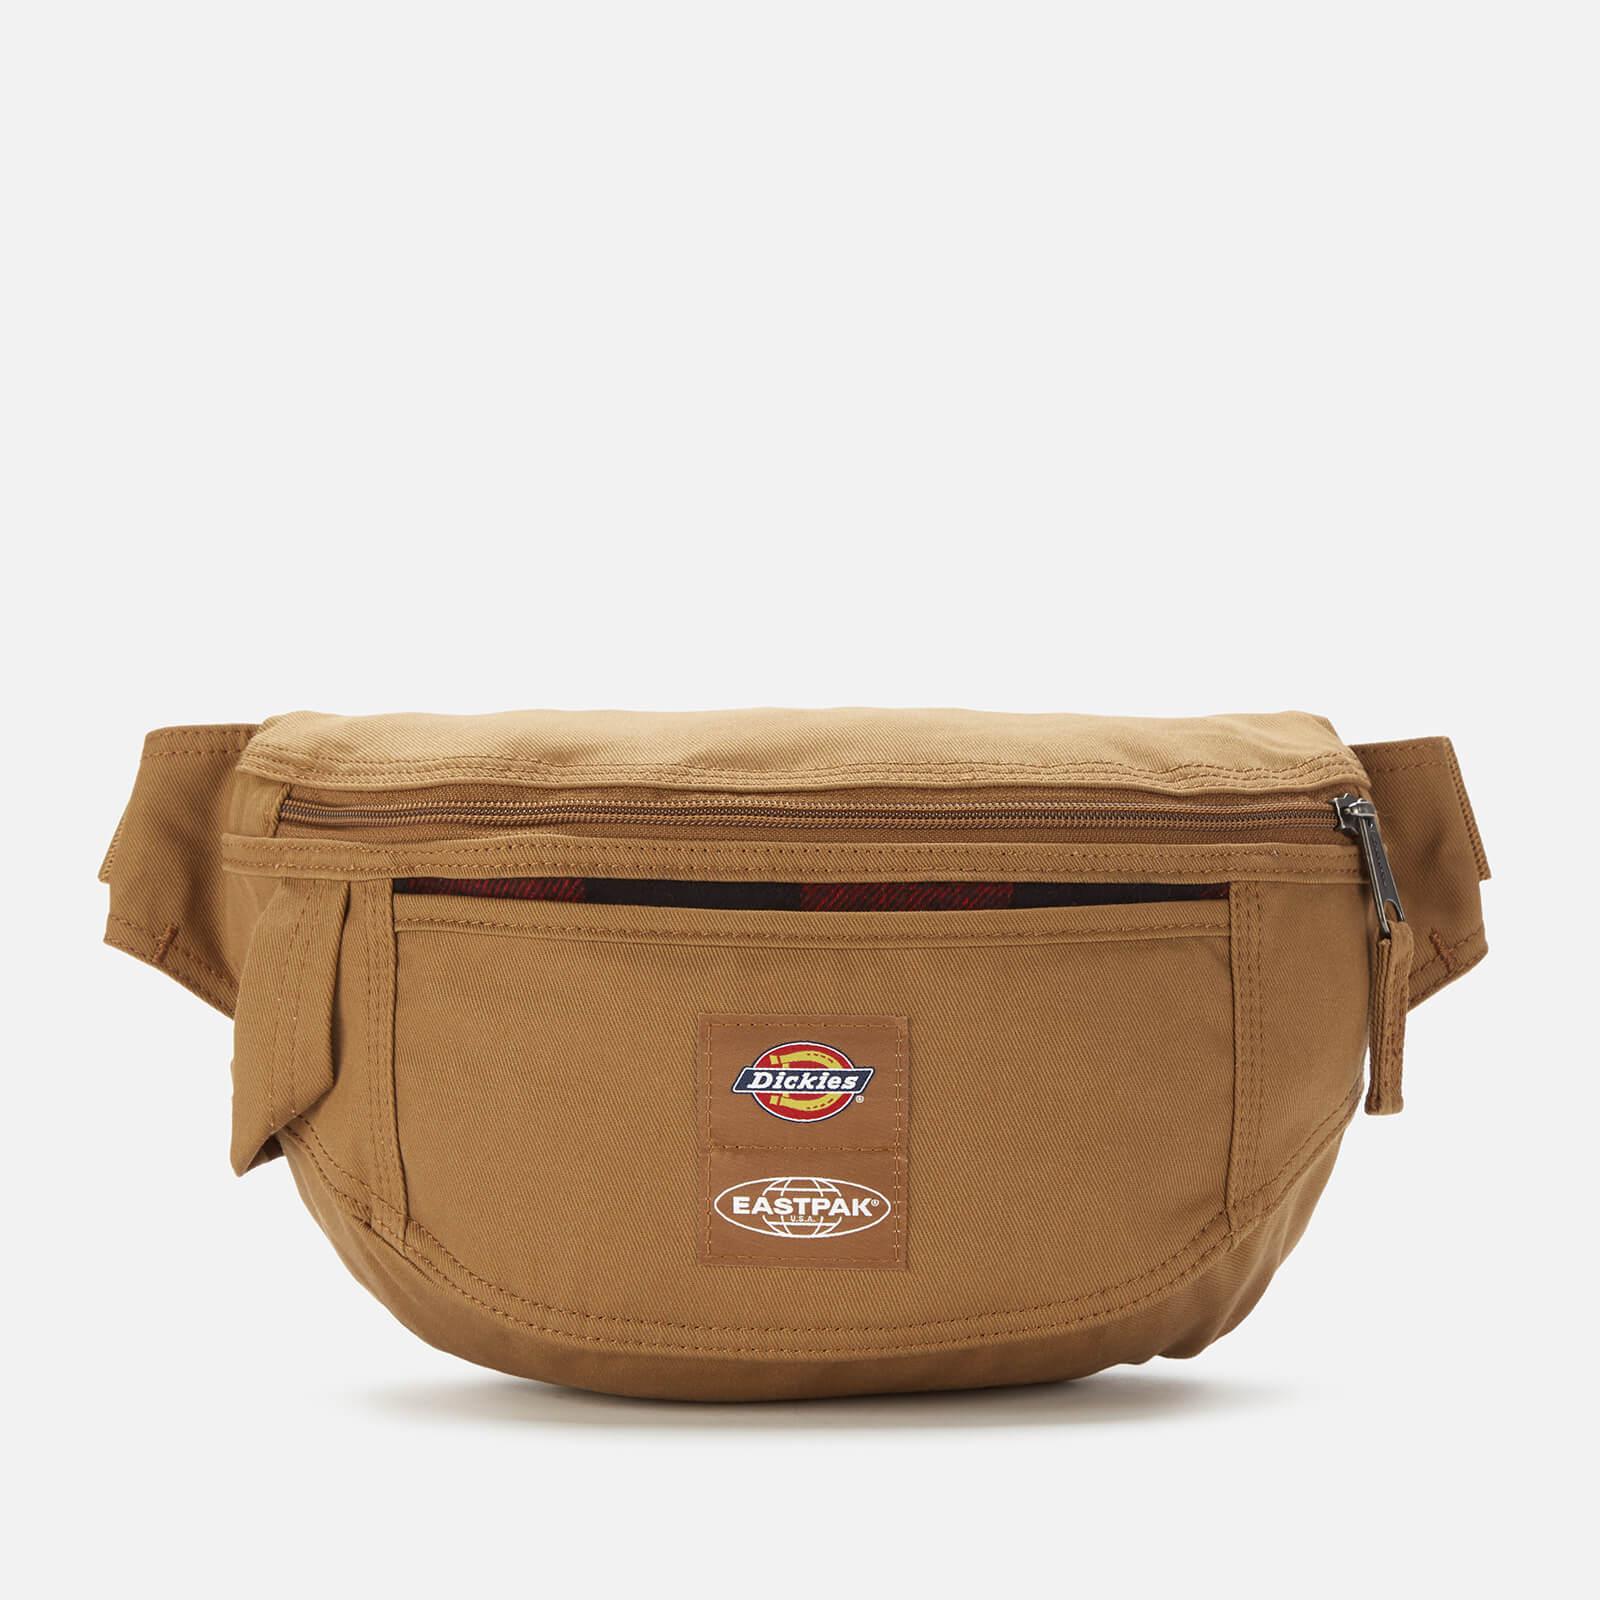 Eastpak X Dickies Men's Bundel Cross Body Bag - Dickies Brown Duck